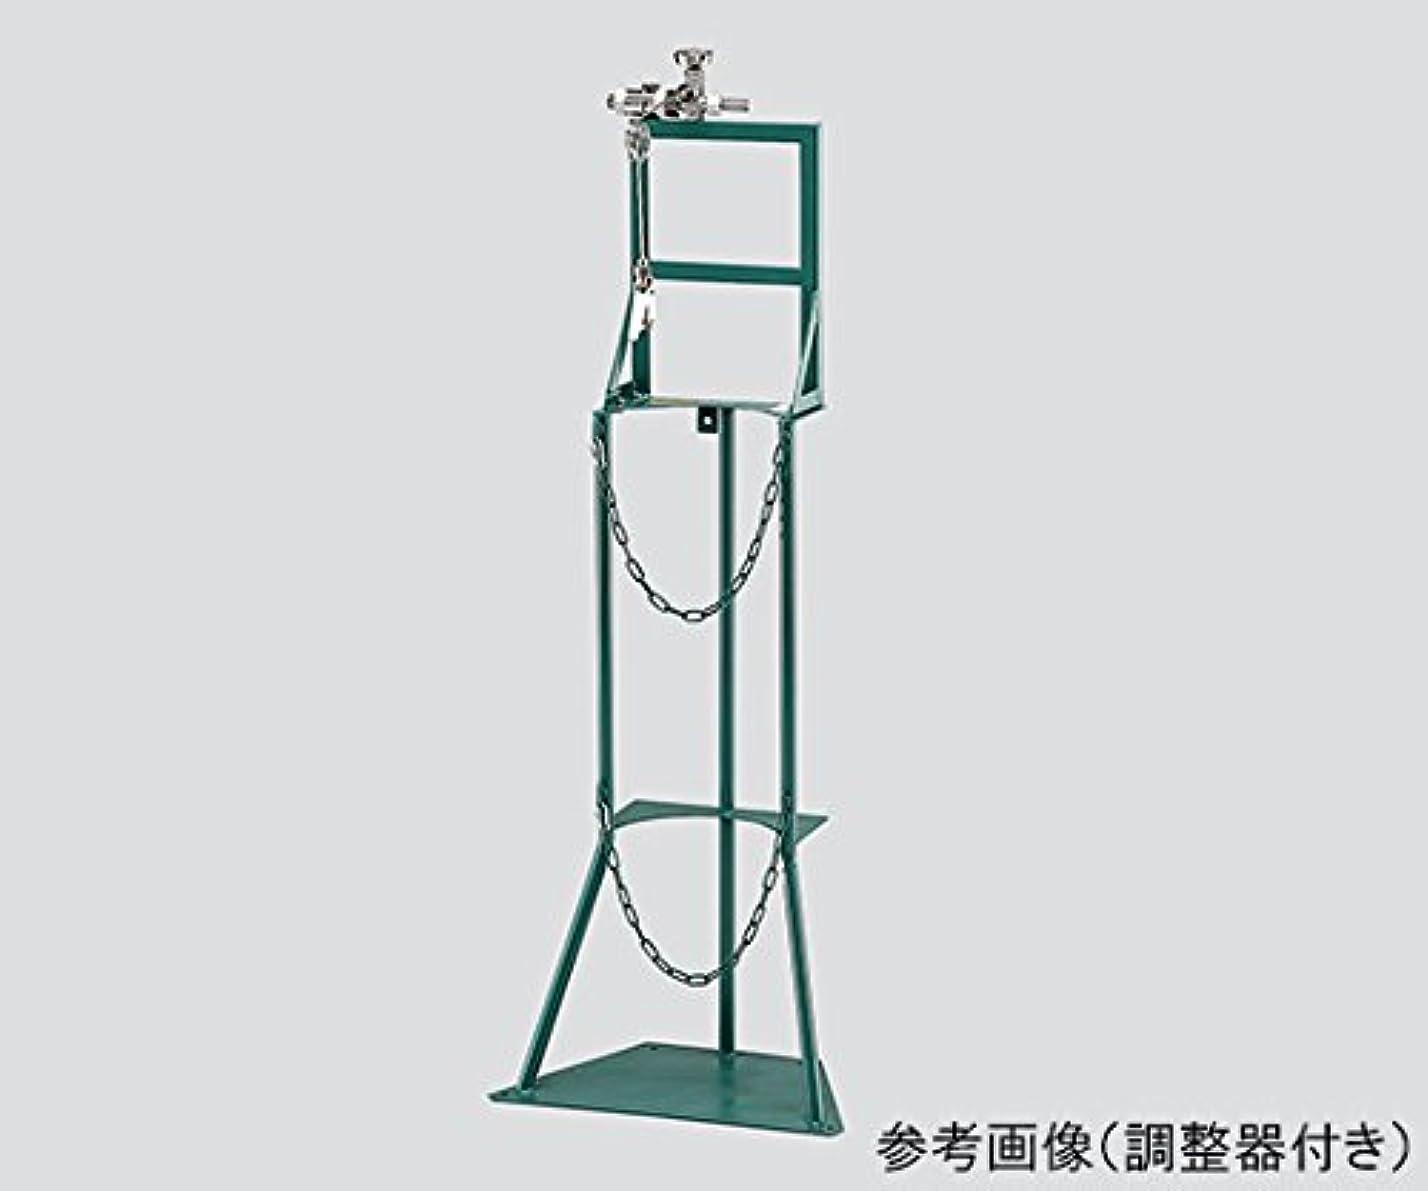 エスニック優しい以降カミマル3-6828-02簡易集合機器関西式酸素調整器付き架数1本